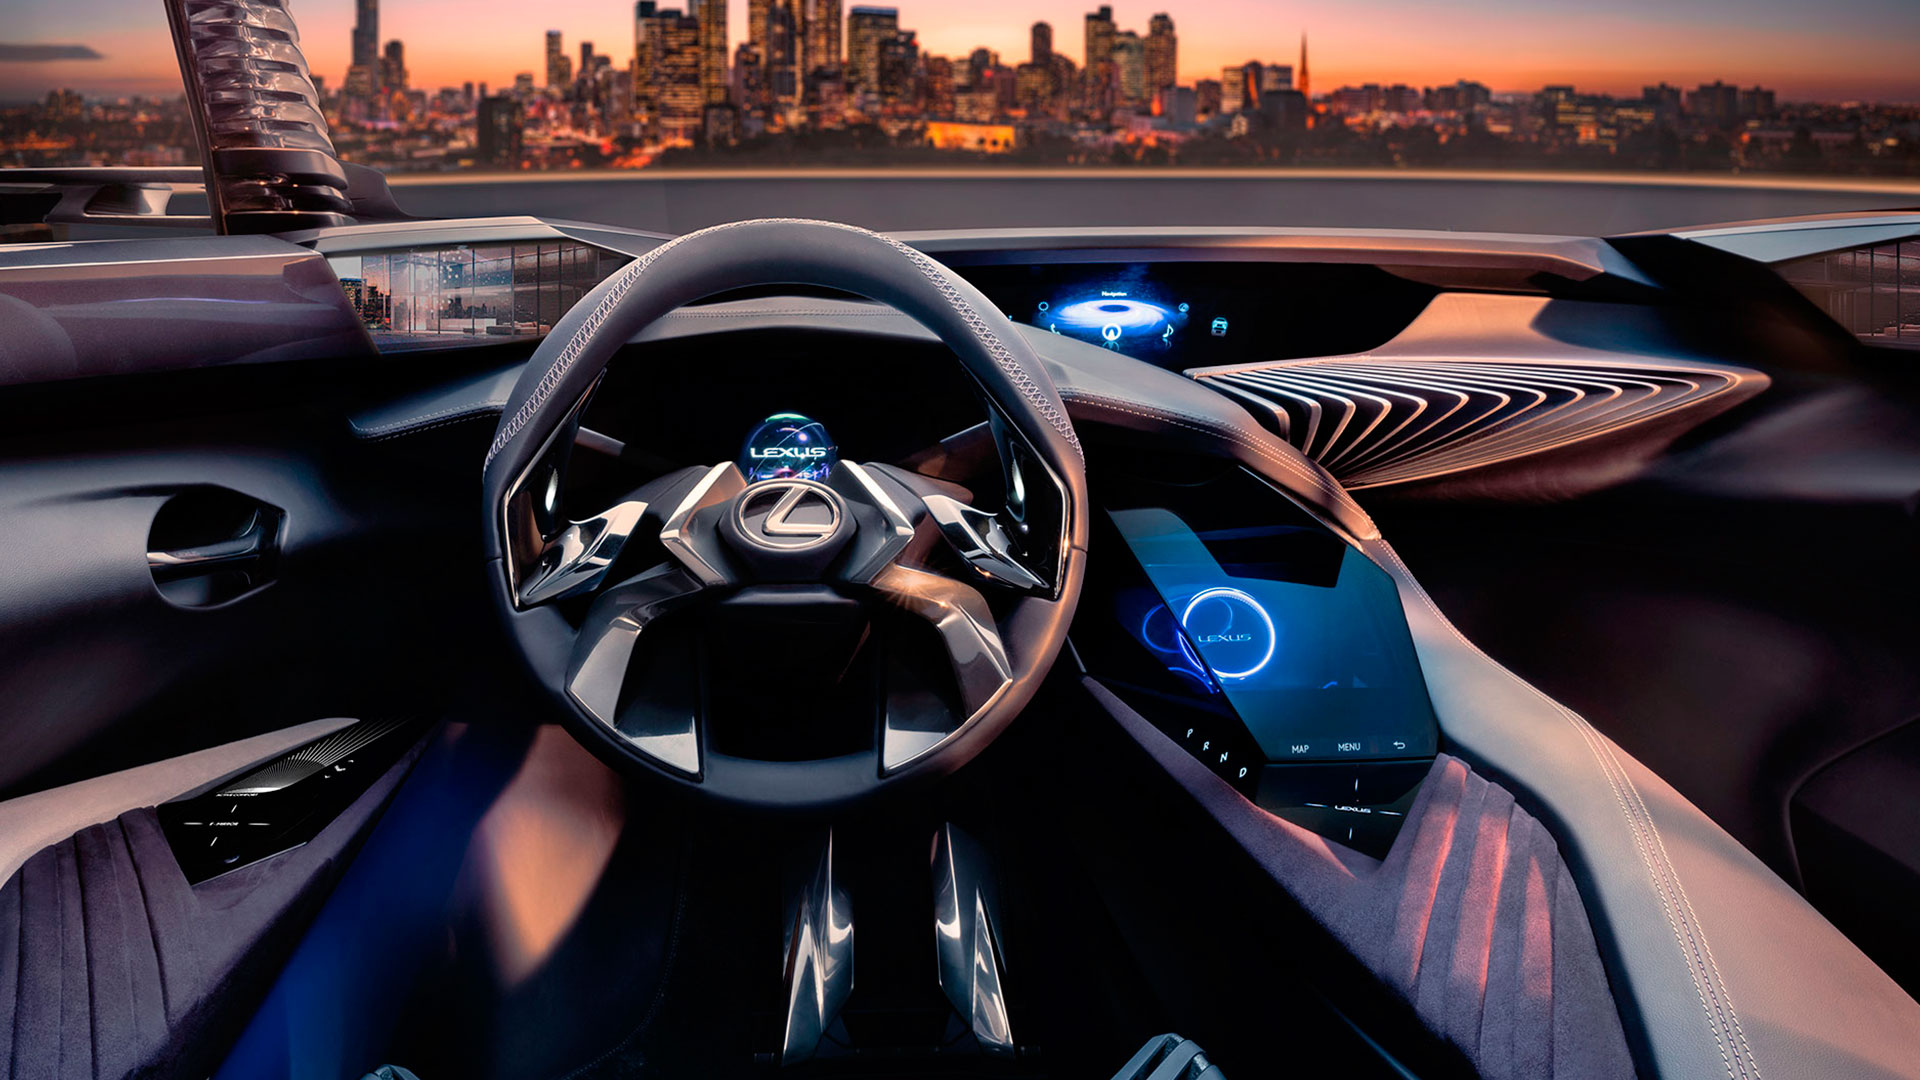 Experiencia del nuevo Lexus UX Concept hero asset